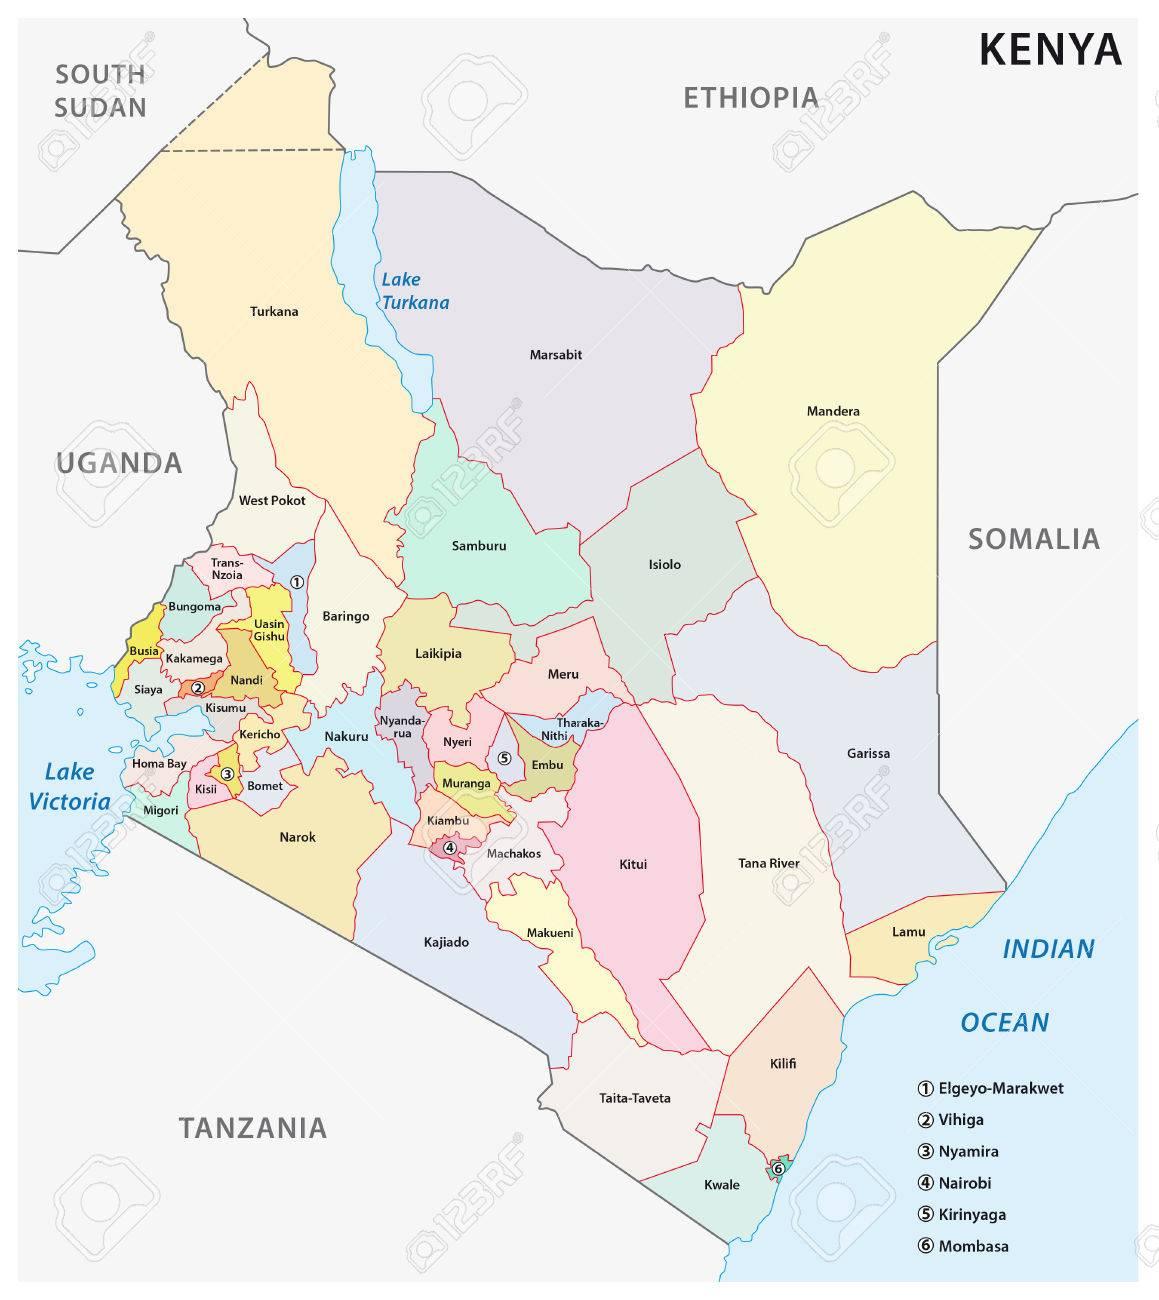 Vector De Mapa Administrativo Y Politico De La Republica De Kenya